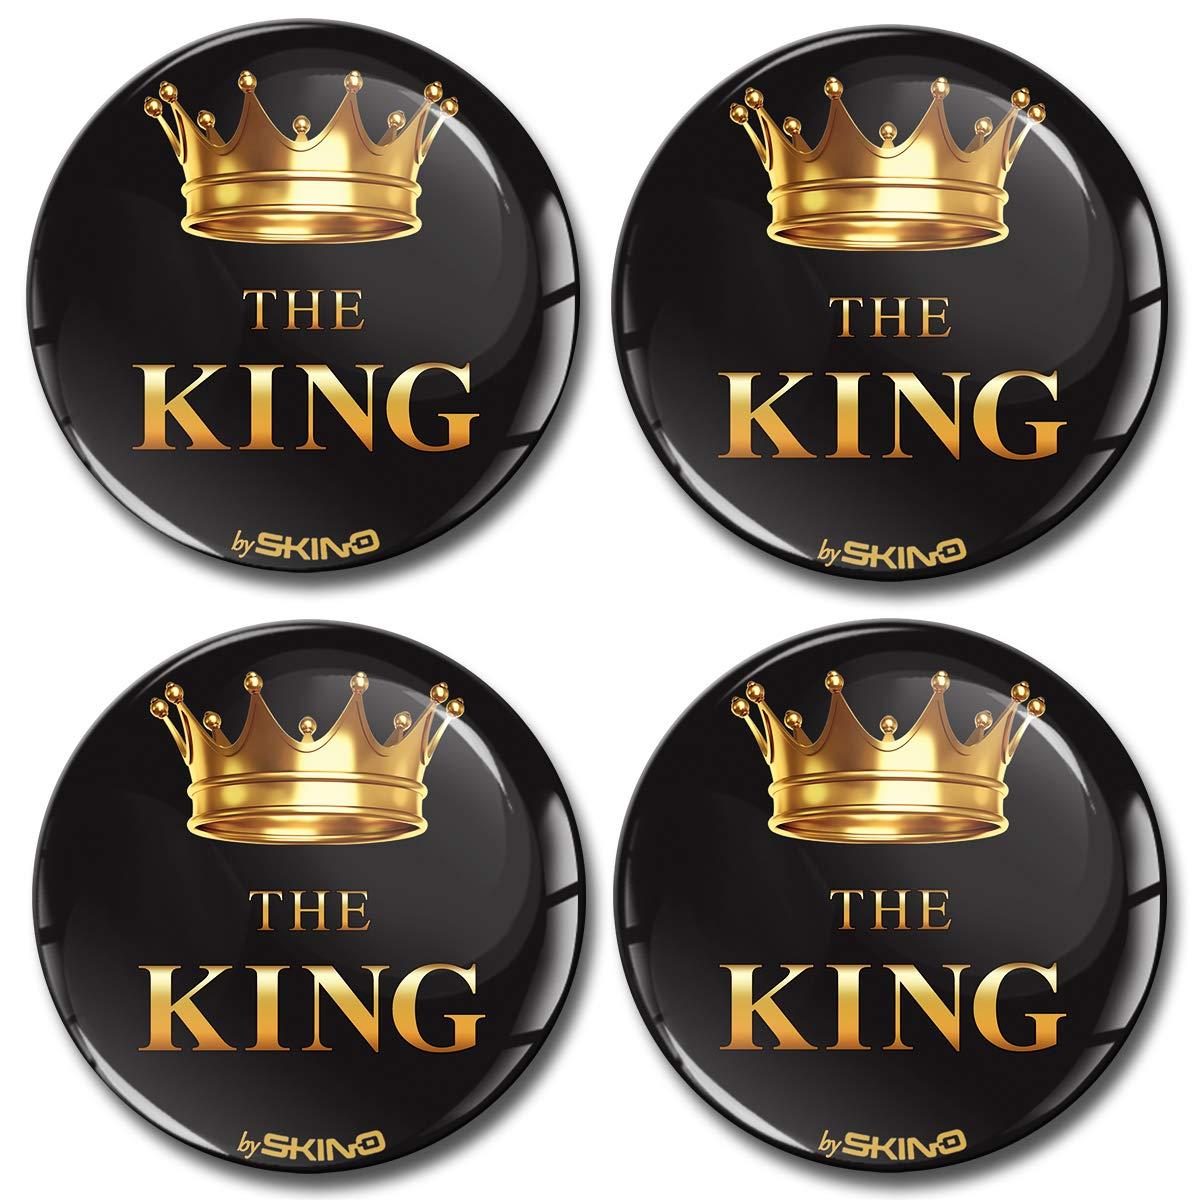 Skino 4 x 65 mm Adesivi 3D in Silicone The King per coprimozzo copricerchi A 4865 copricerchi coprimozzo